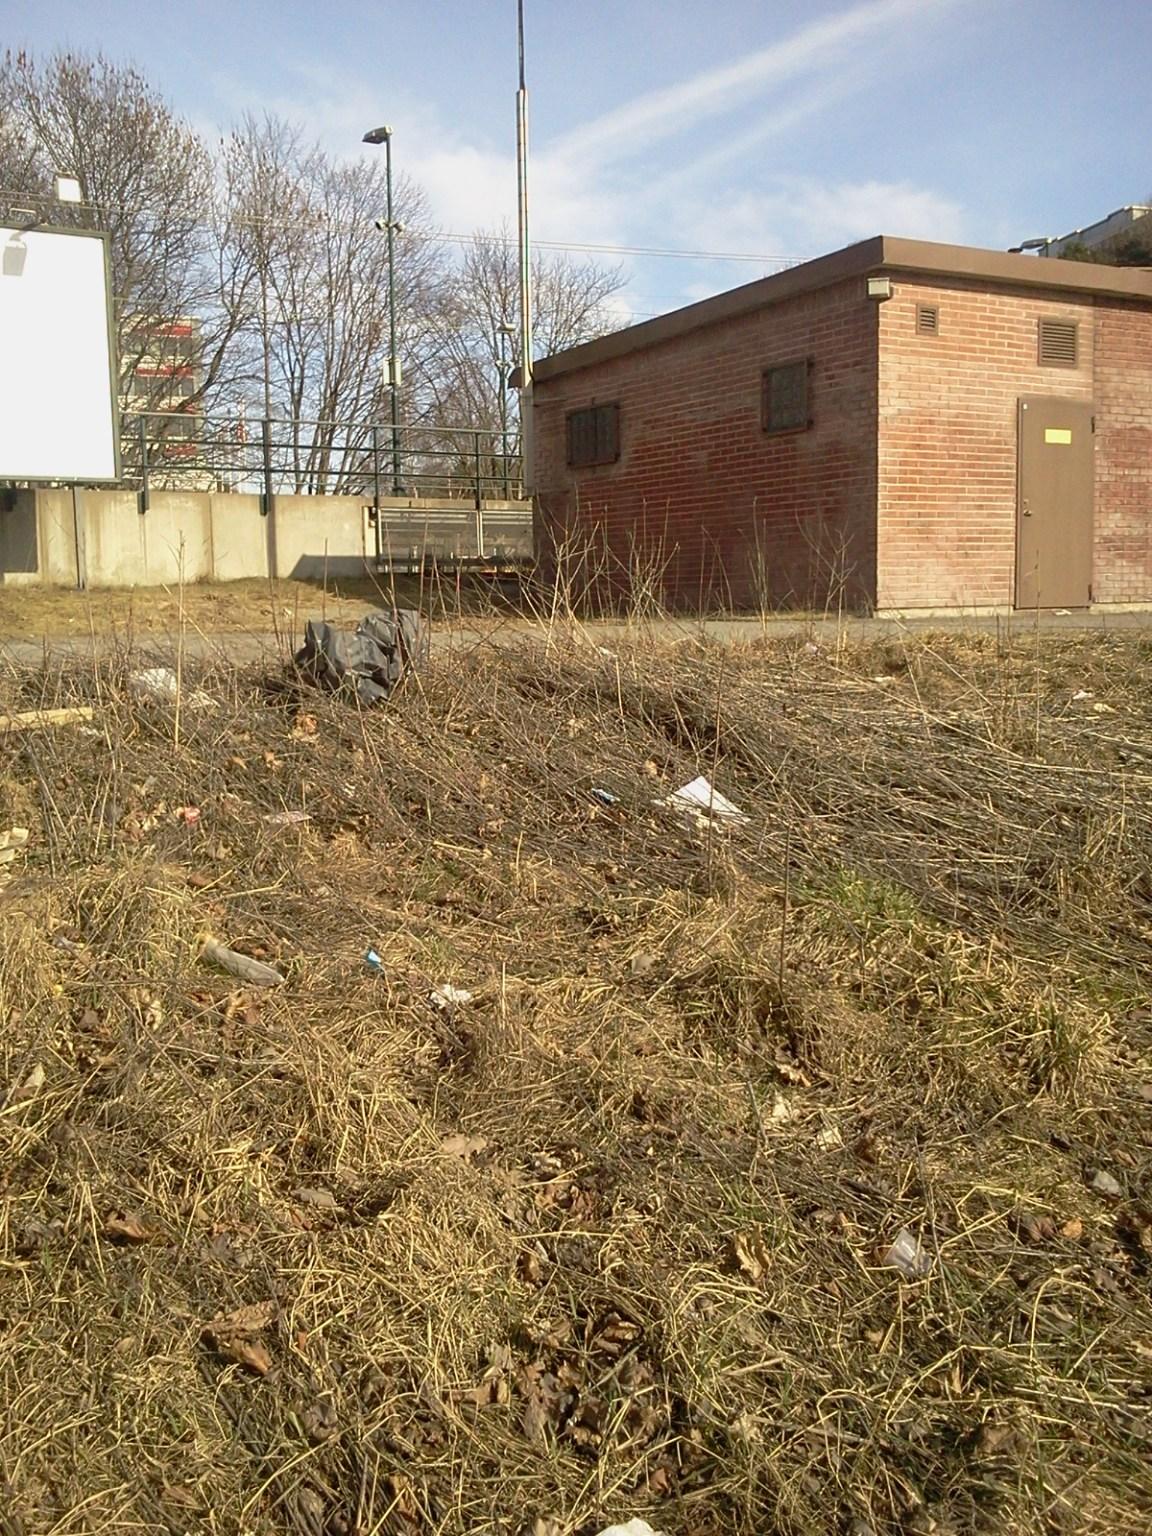 Avfall och övergiven grönyta vid Henriksdal station